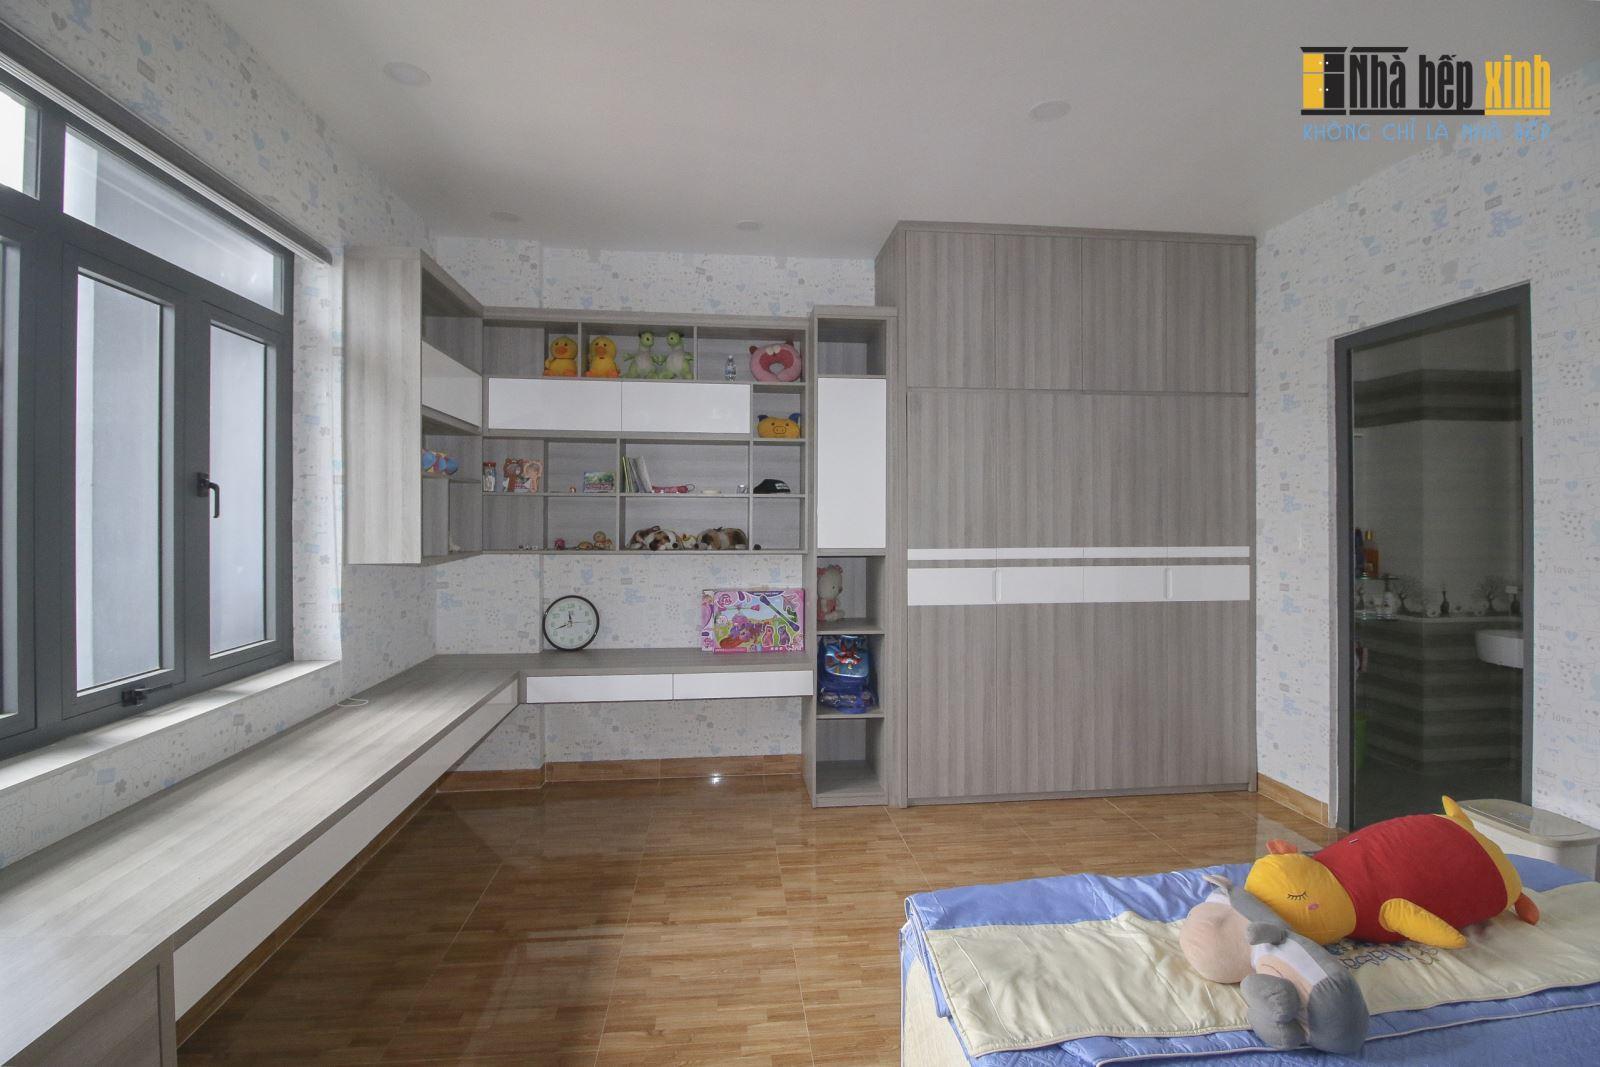 Ảnh thực tế nội thất căn hộ Anh Trường Bình Dương